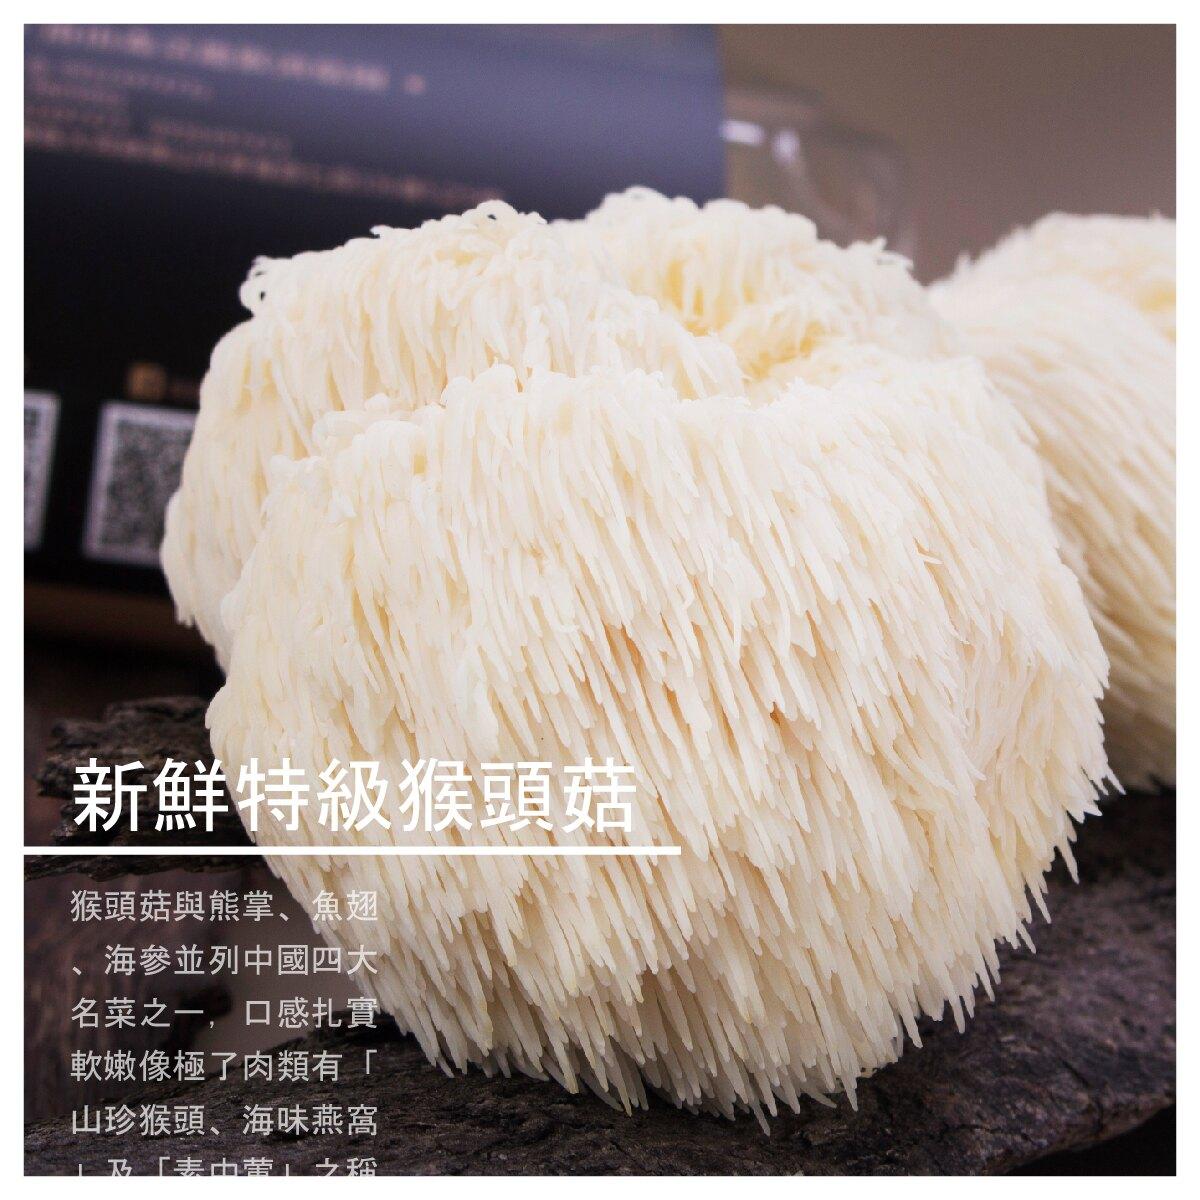 【南山森活趣猴頭菇園】新鮮特級猴頭菇 600g/盒